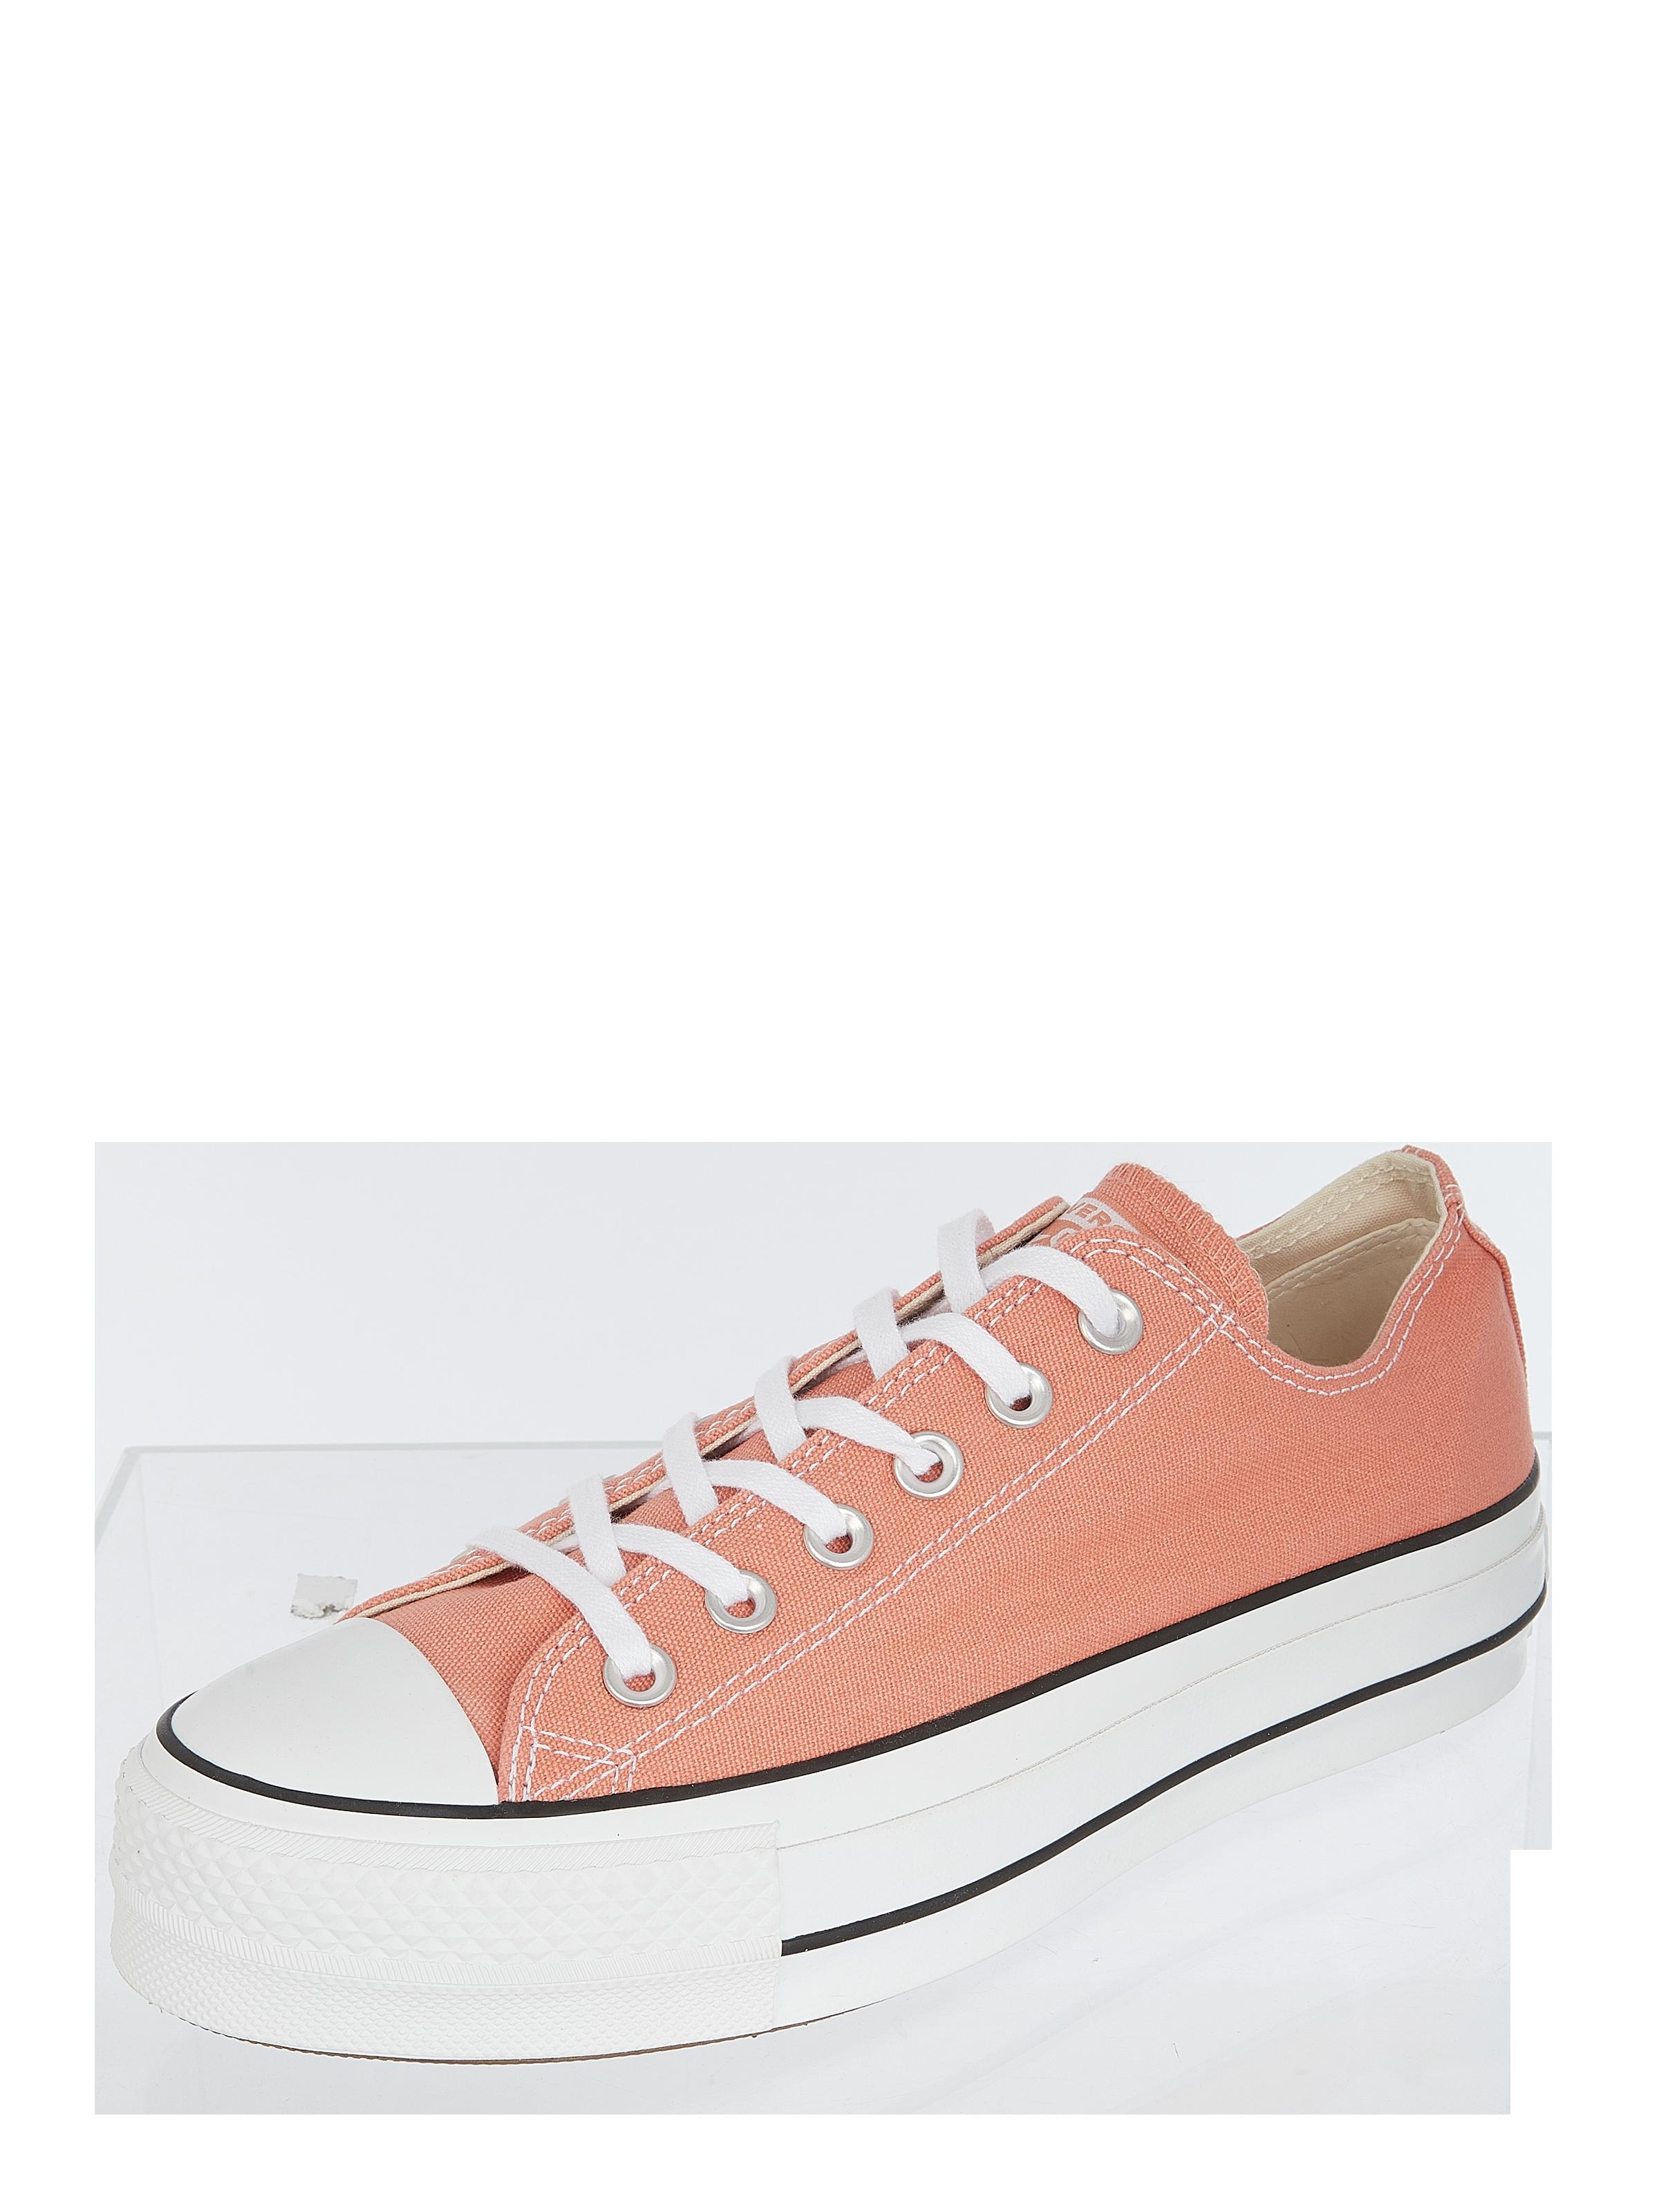 Sneakersy damskie pomarańczowe ▷ Darmowa dostawa ▷▷ Sklep